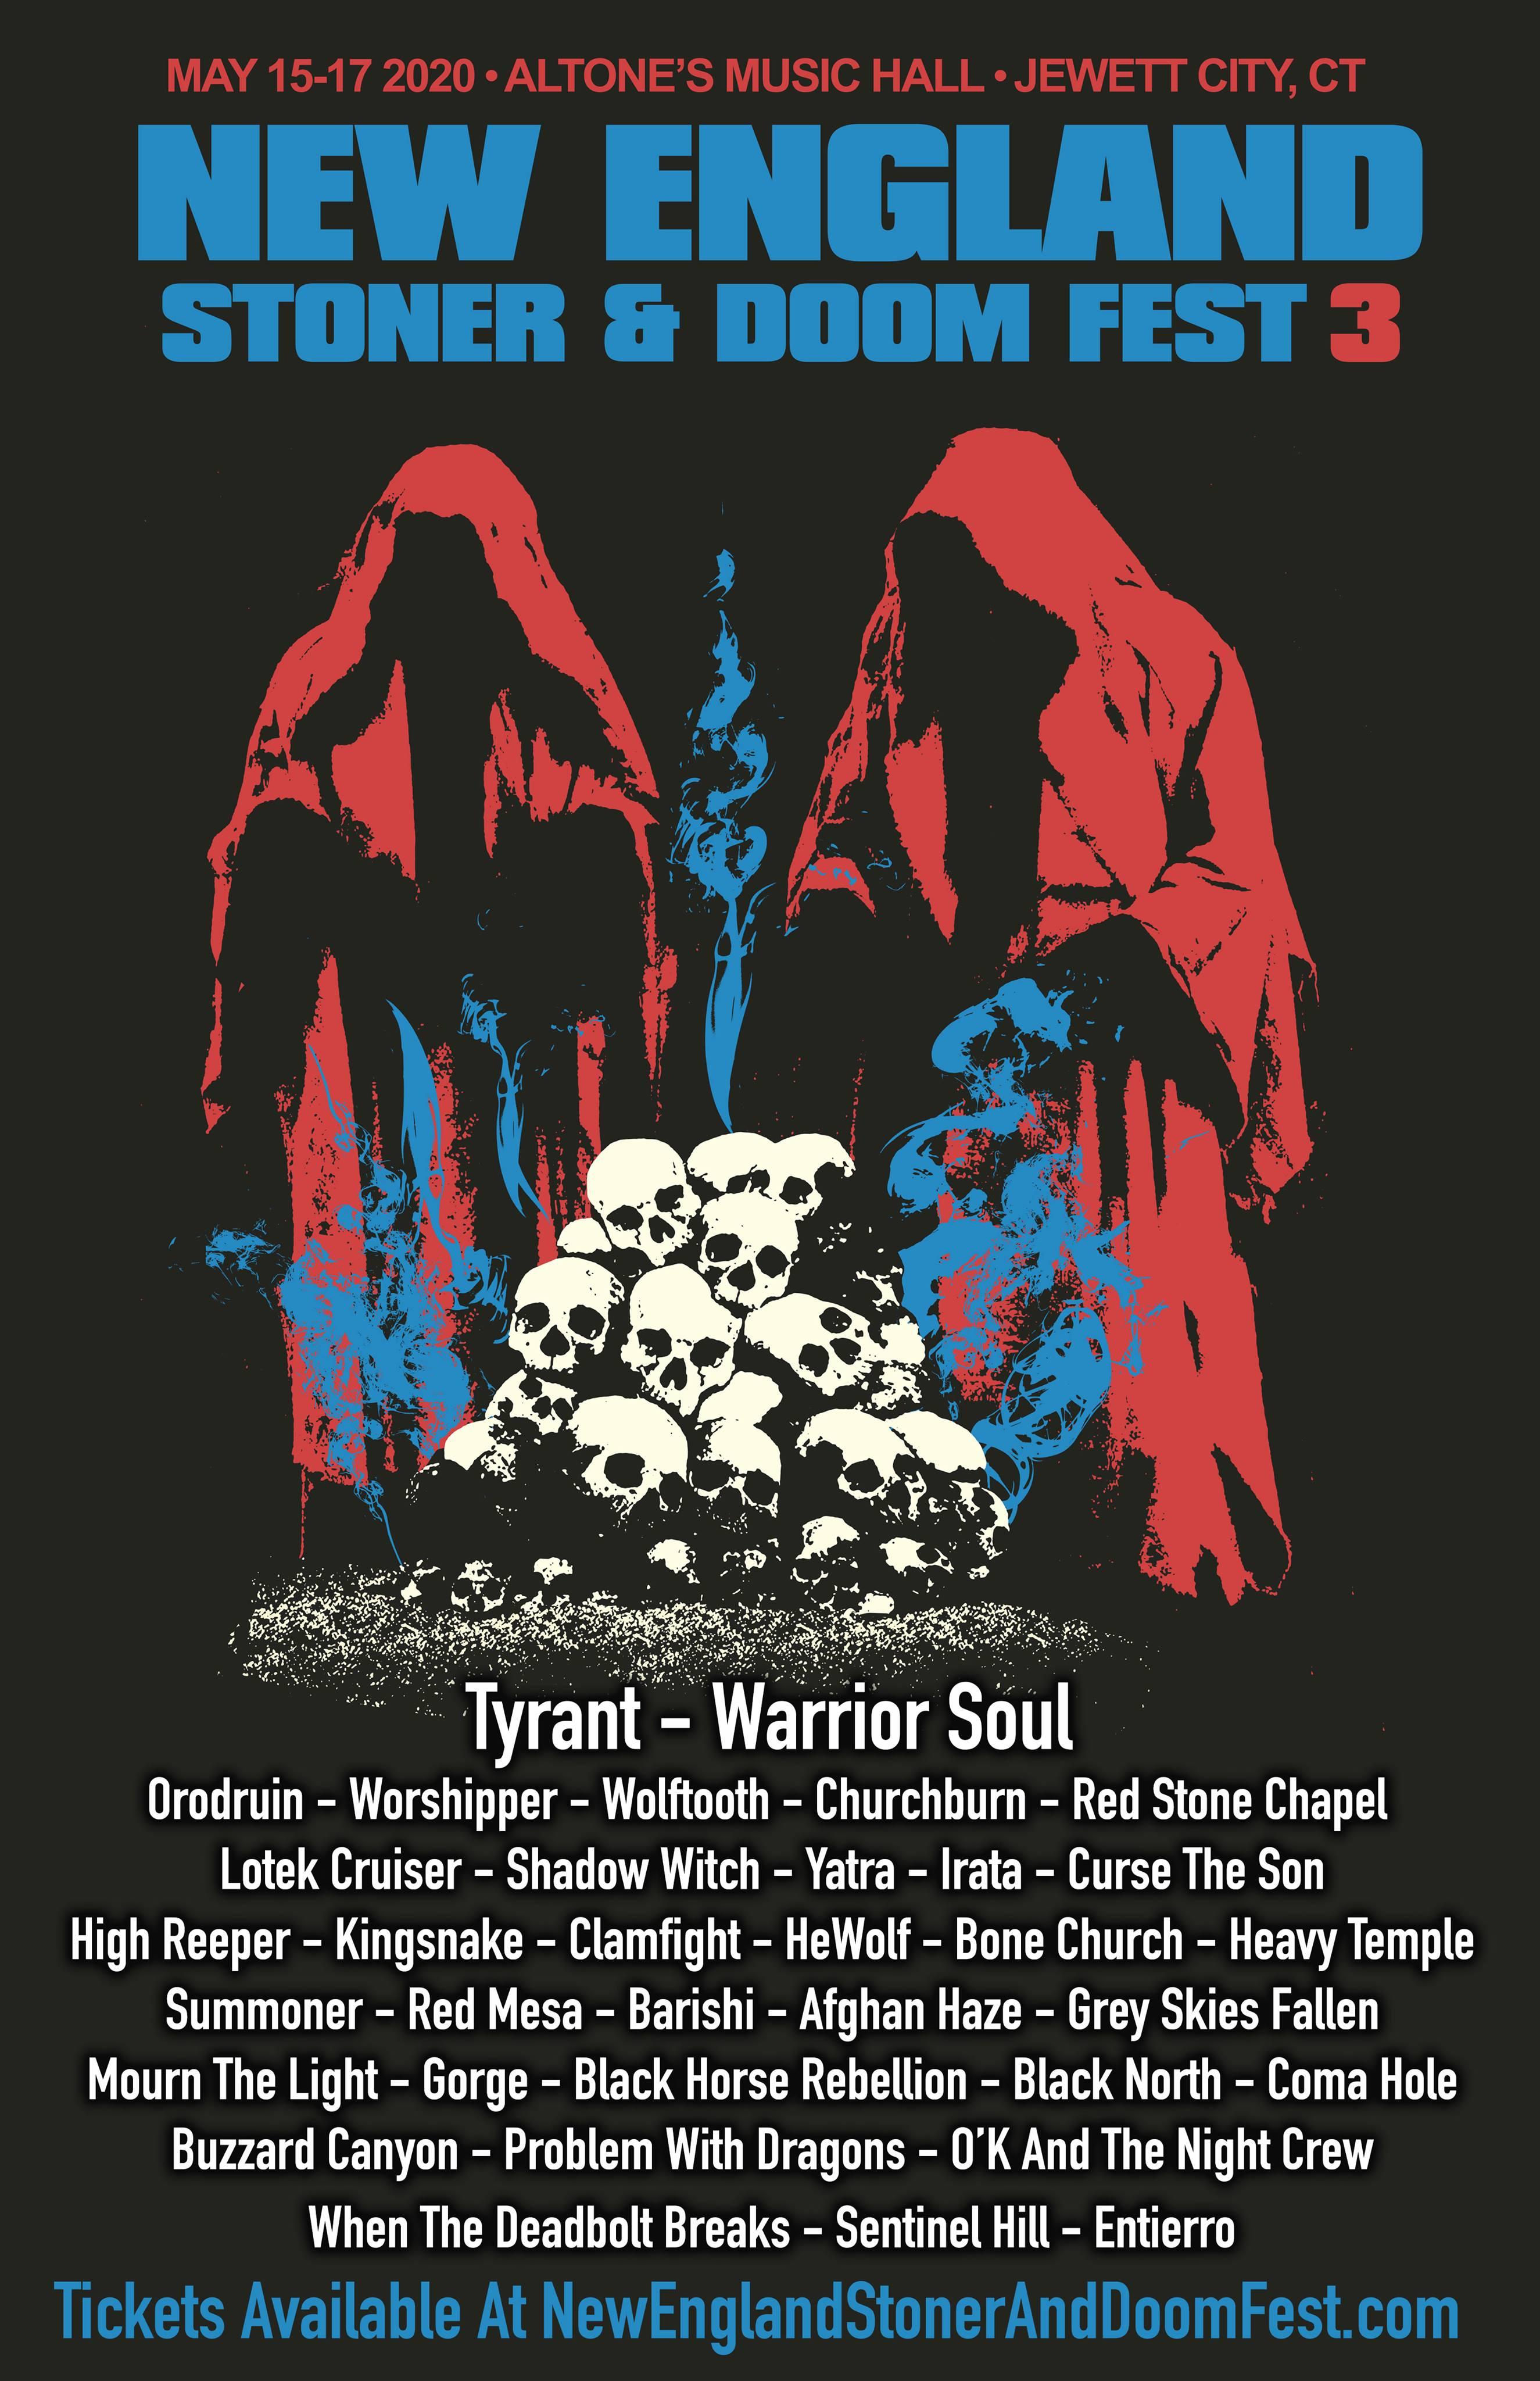 New England Stoner and Doom Festival 3